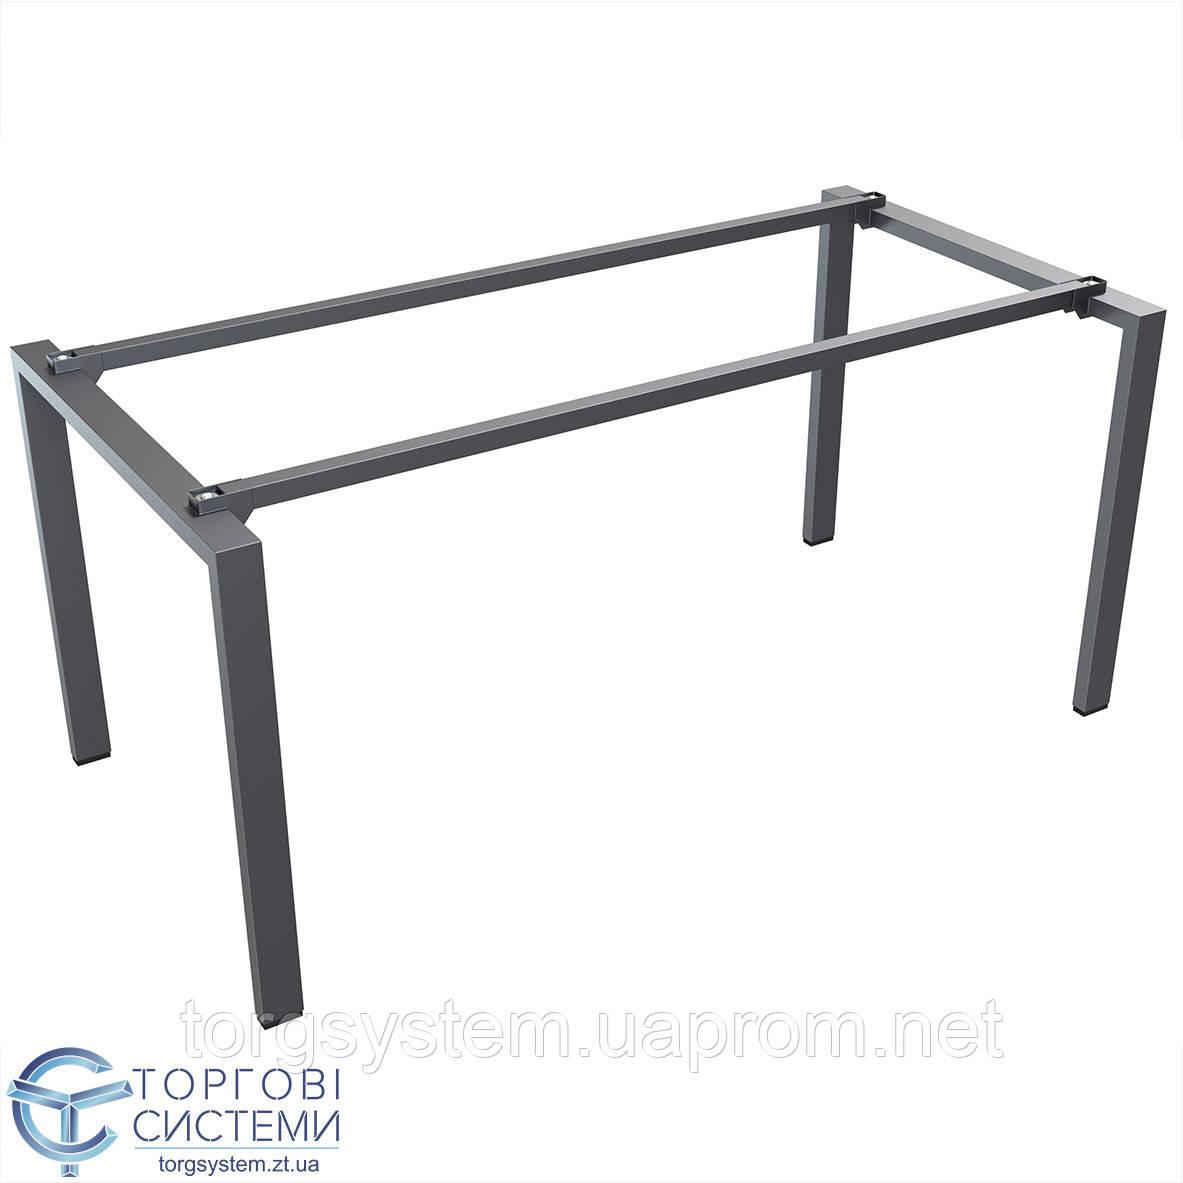 Каркас для офисных столов серии СТАРК П 2.2